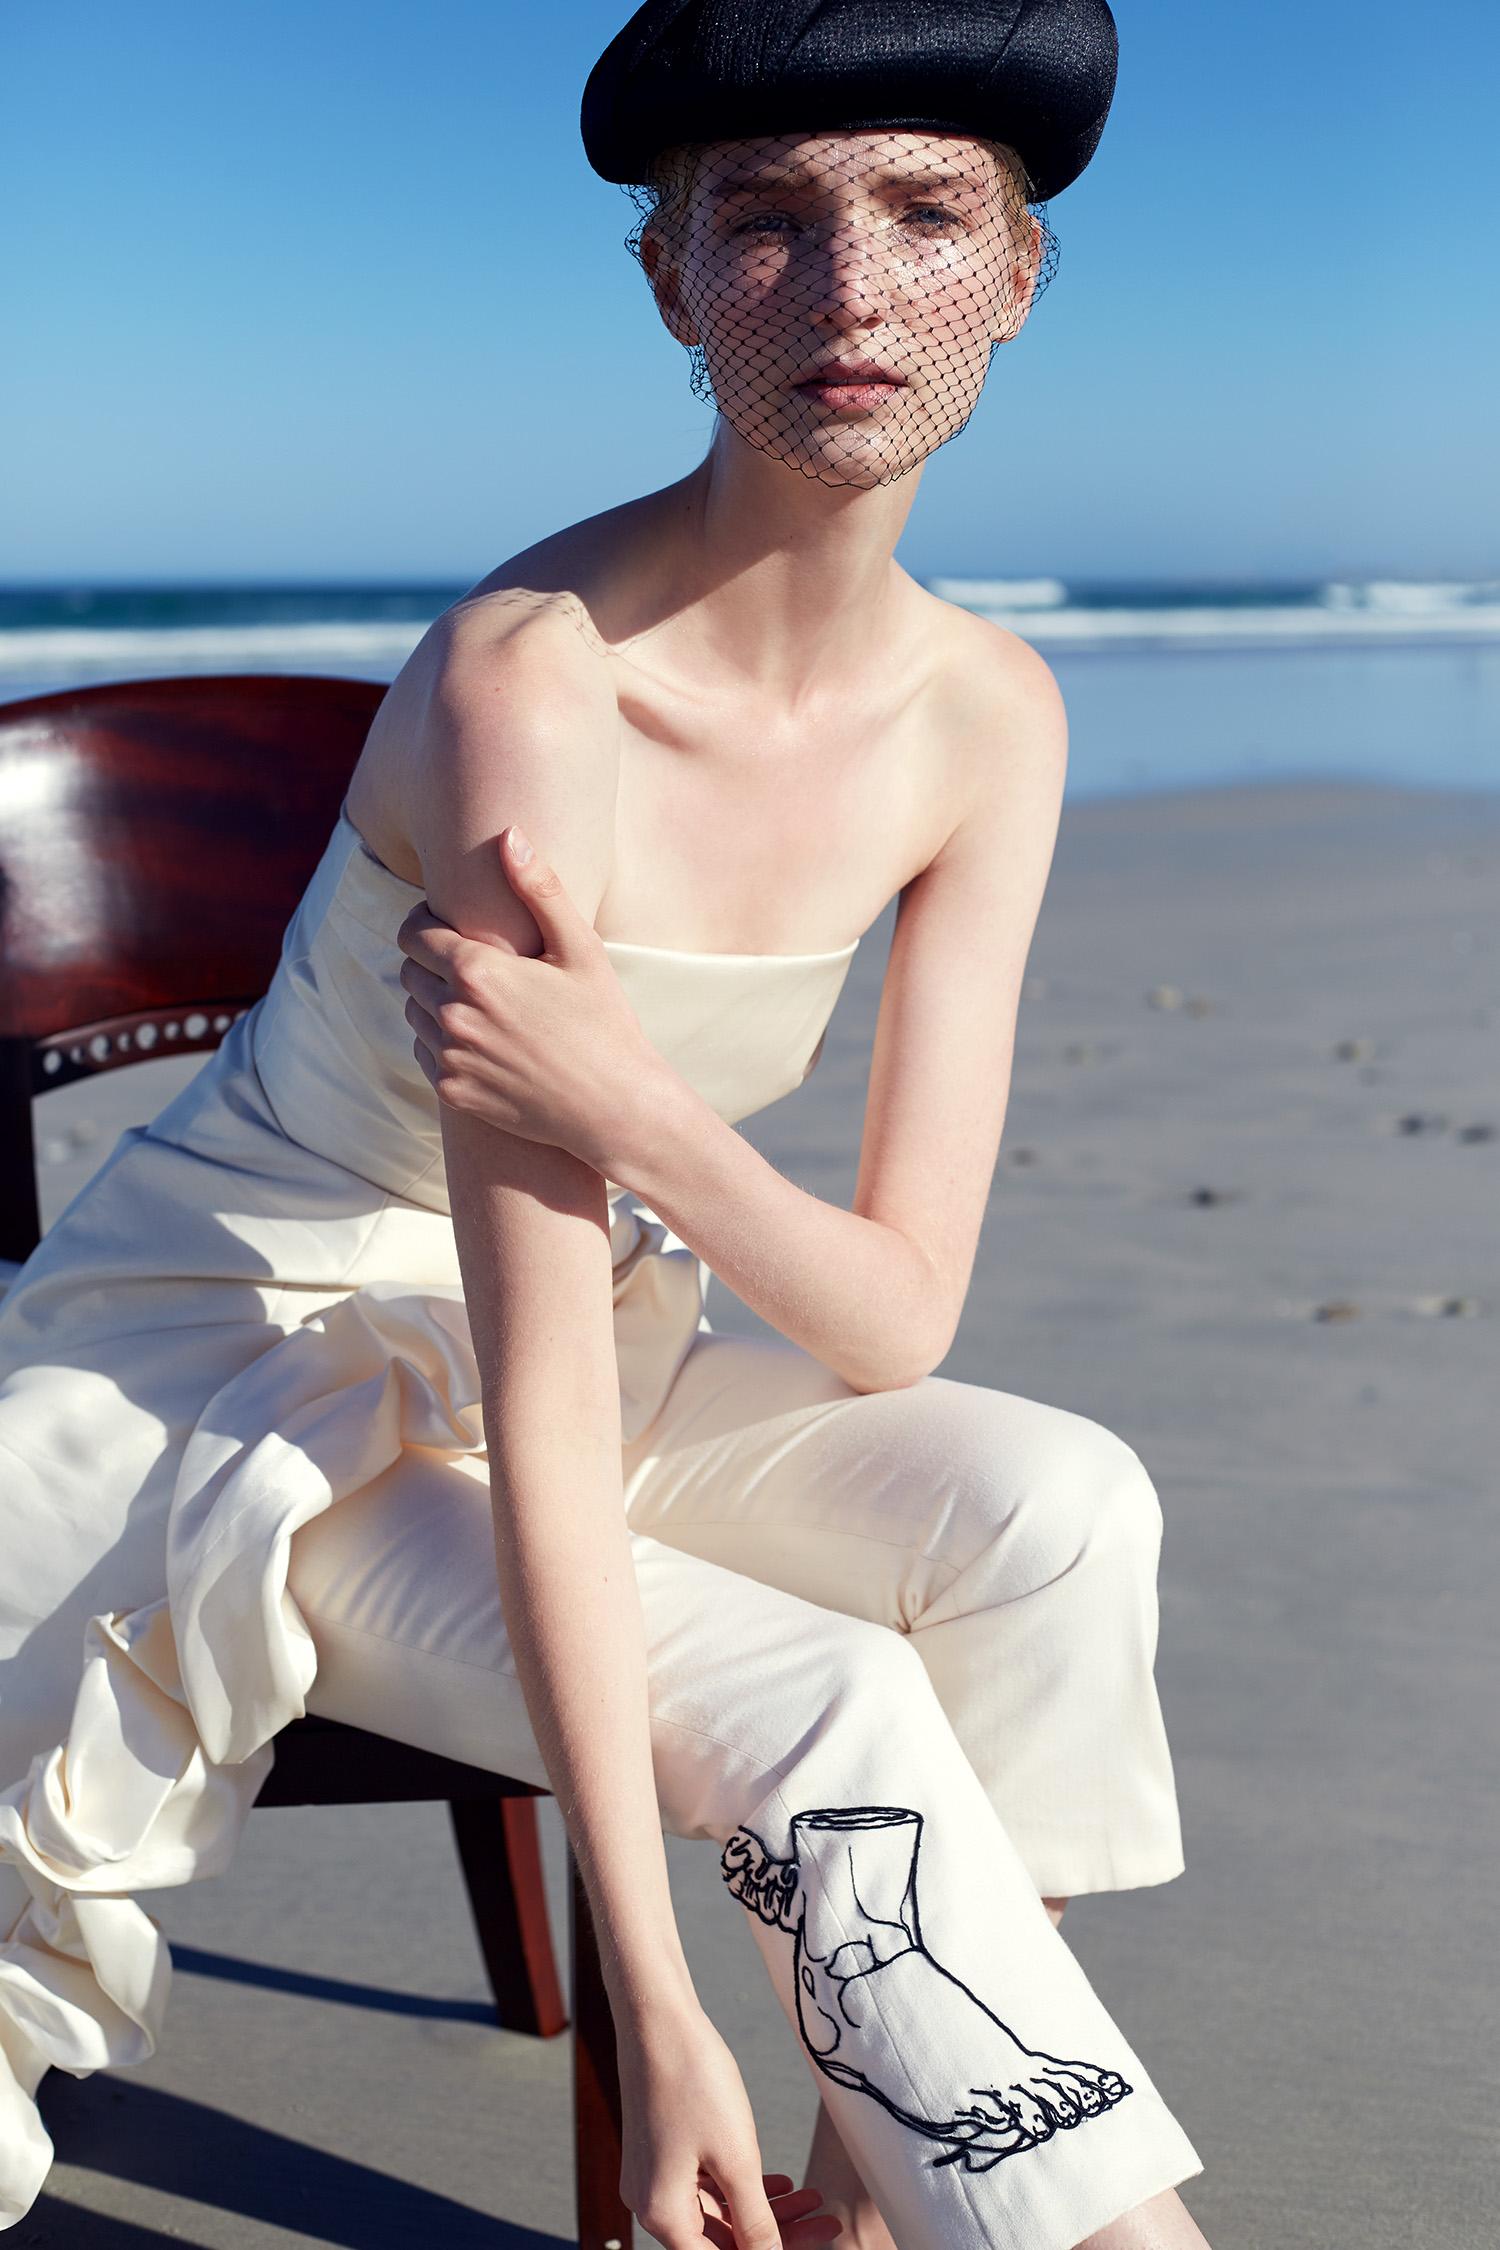 Dress,Galluzzi e Gini; trousers,Meg Taljaard; hat,stylist's own